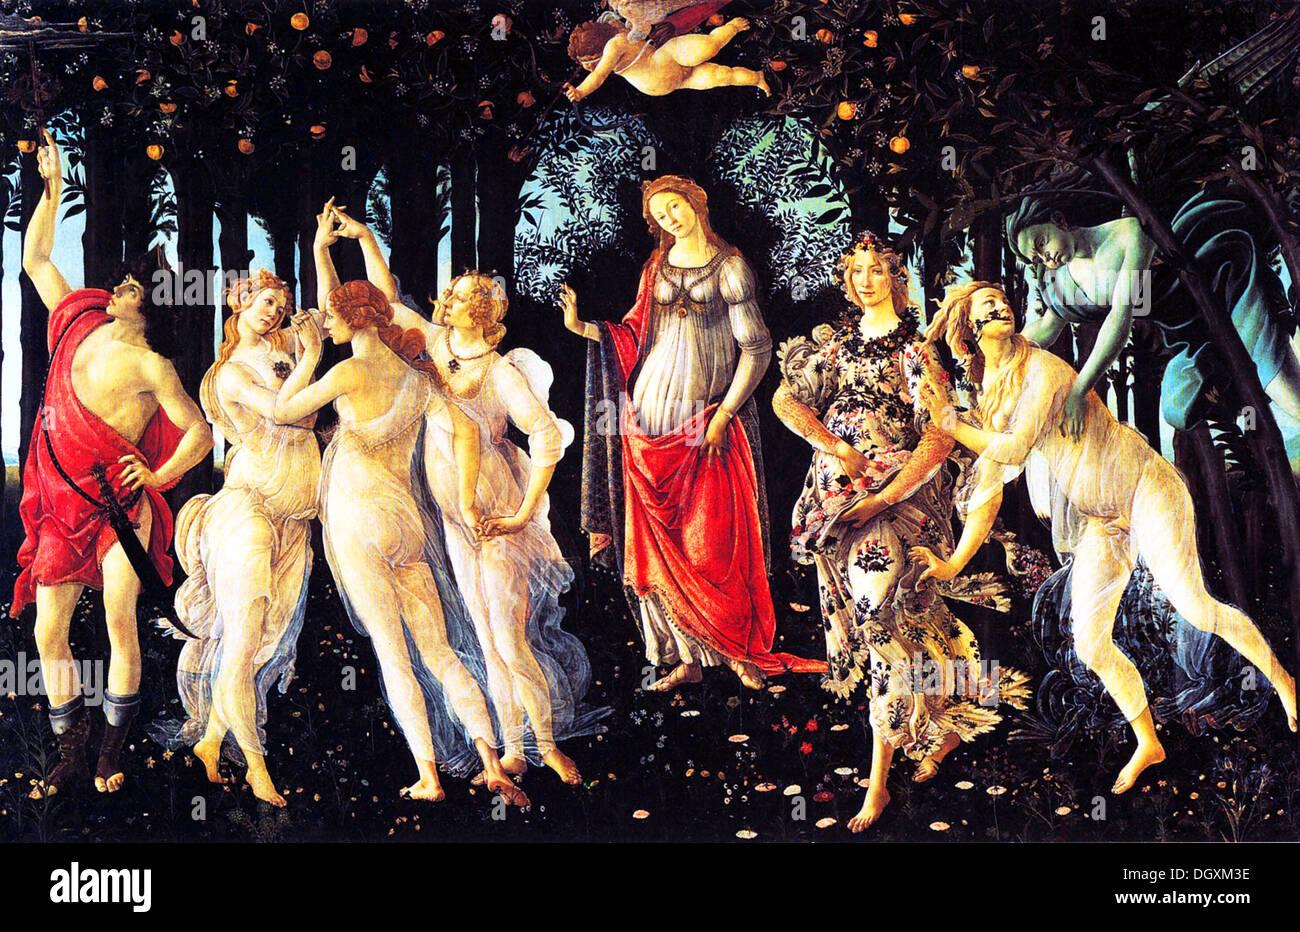 La Primavera - von Sandro Botticelli, 1482 - nur zur redaktionellen Verwendung. Stockbild